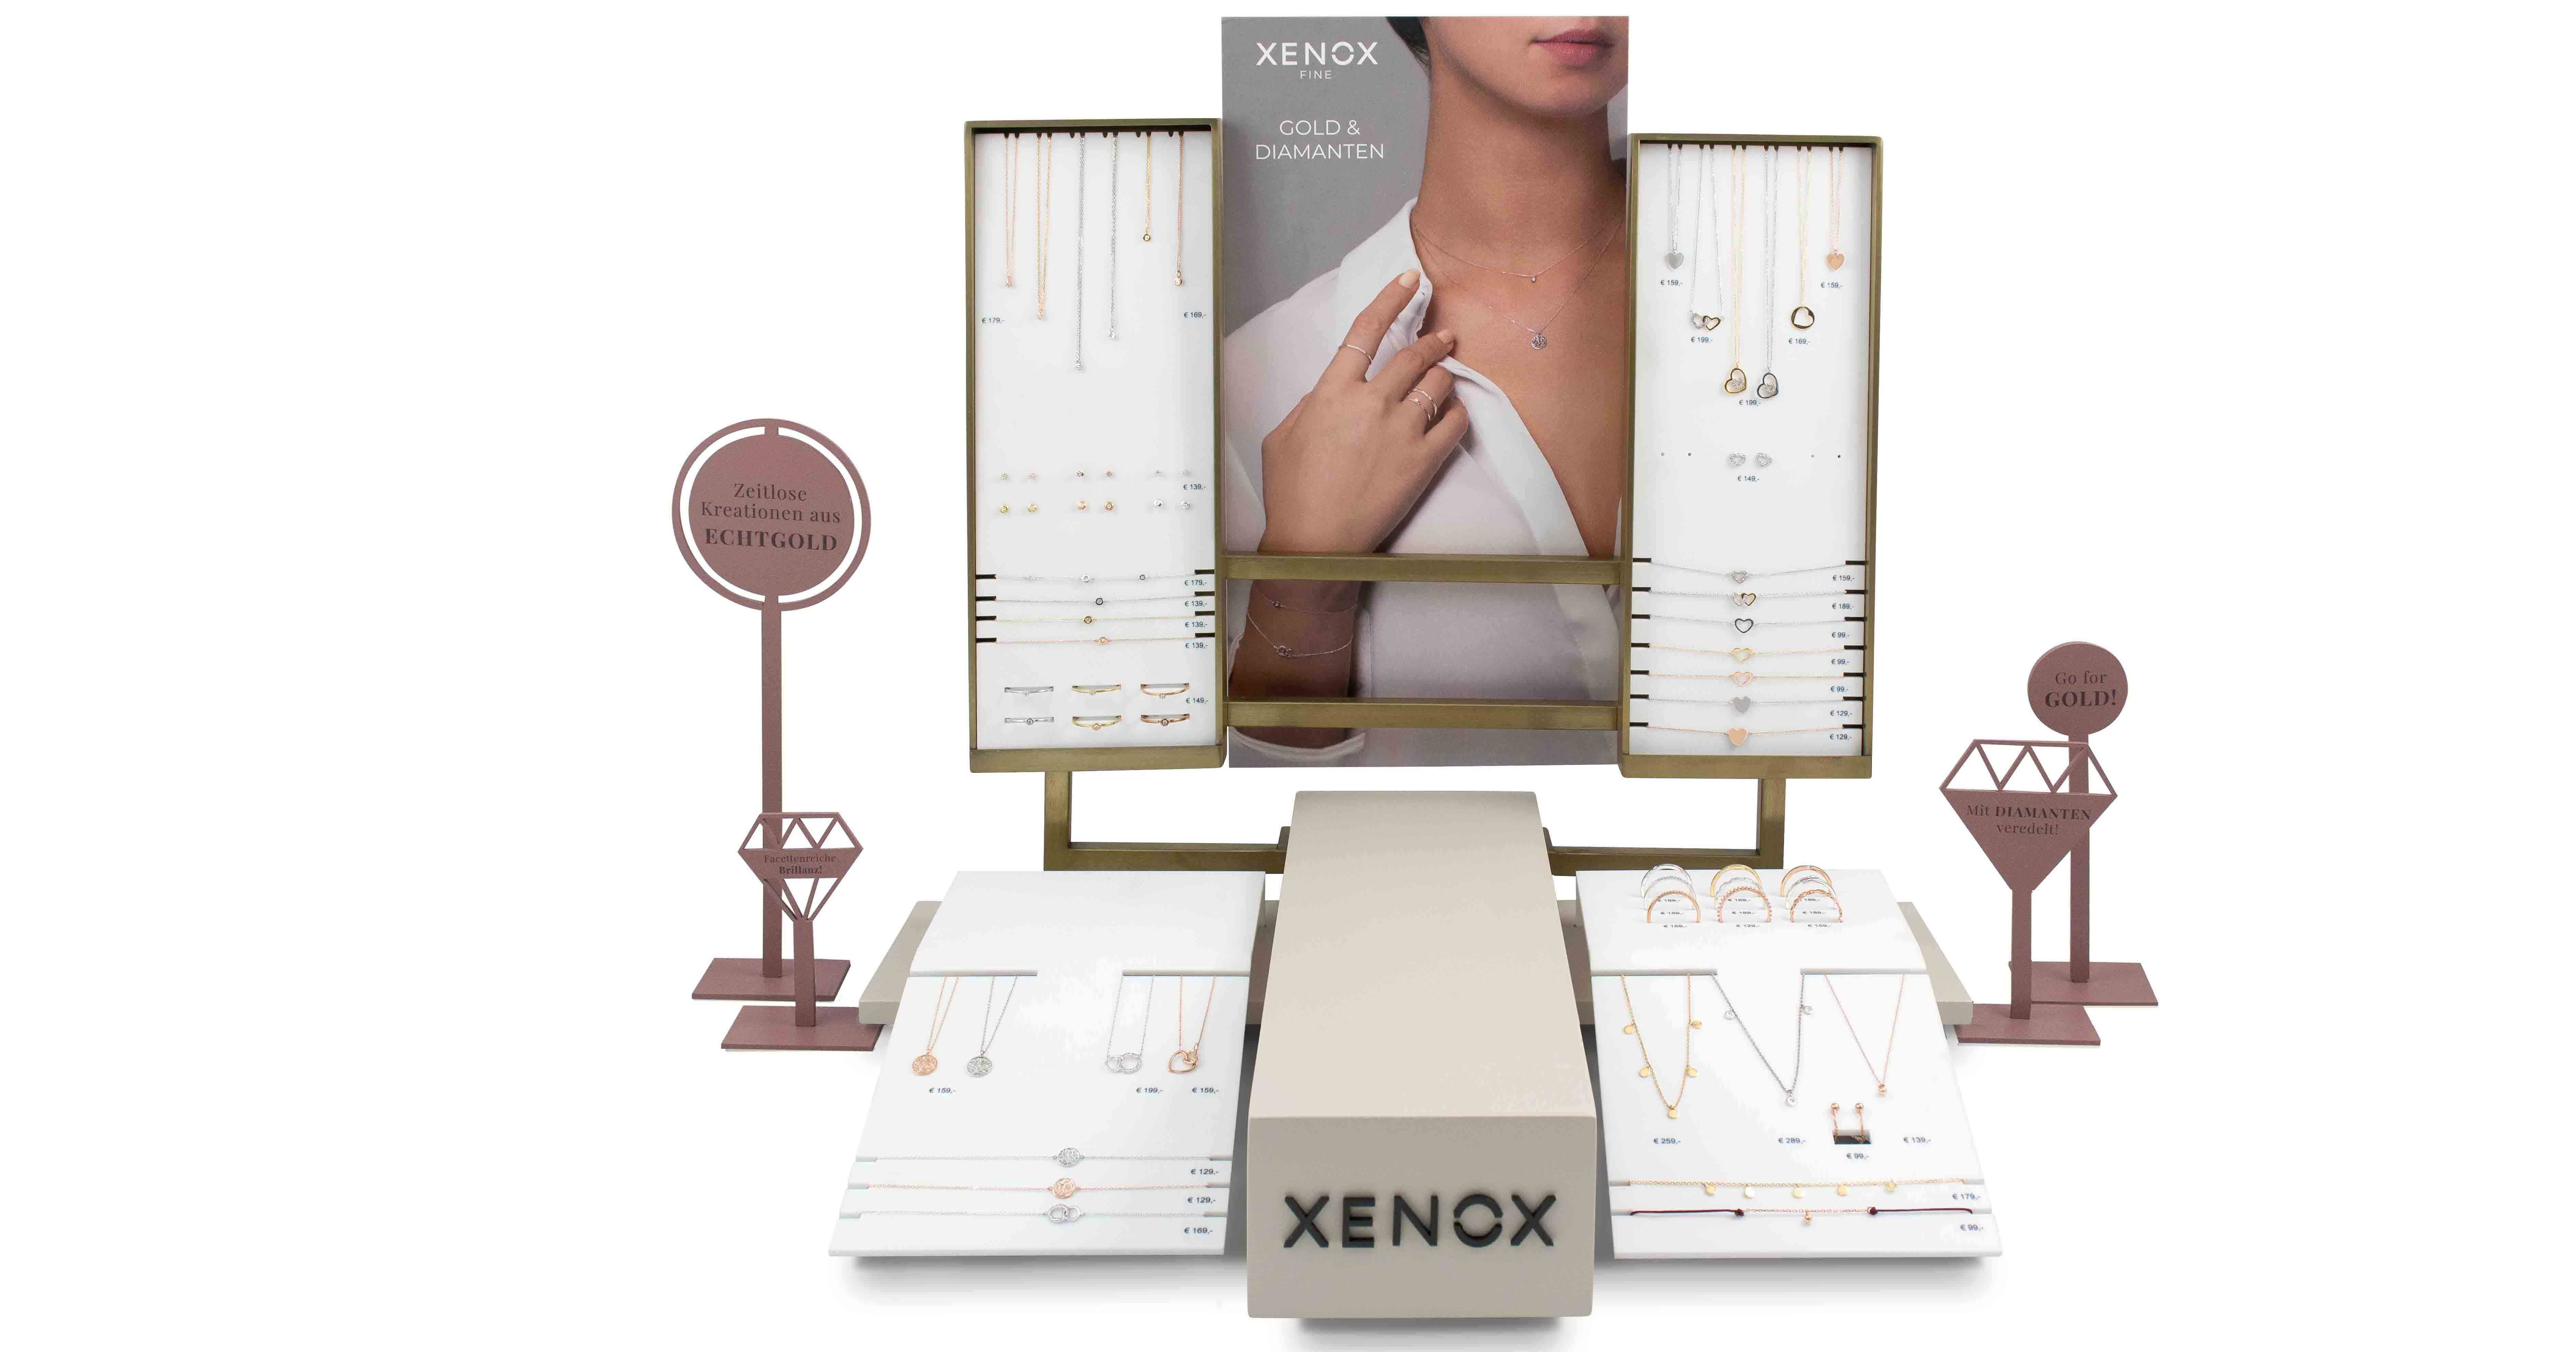 Wird ausgebaut: Die 9 Karat Goldkollektion von Xenox wird erweitert.